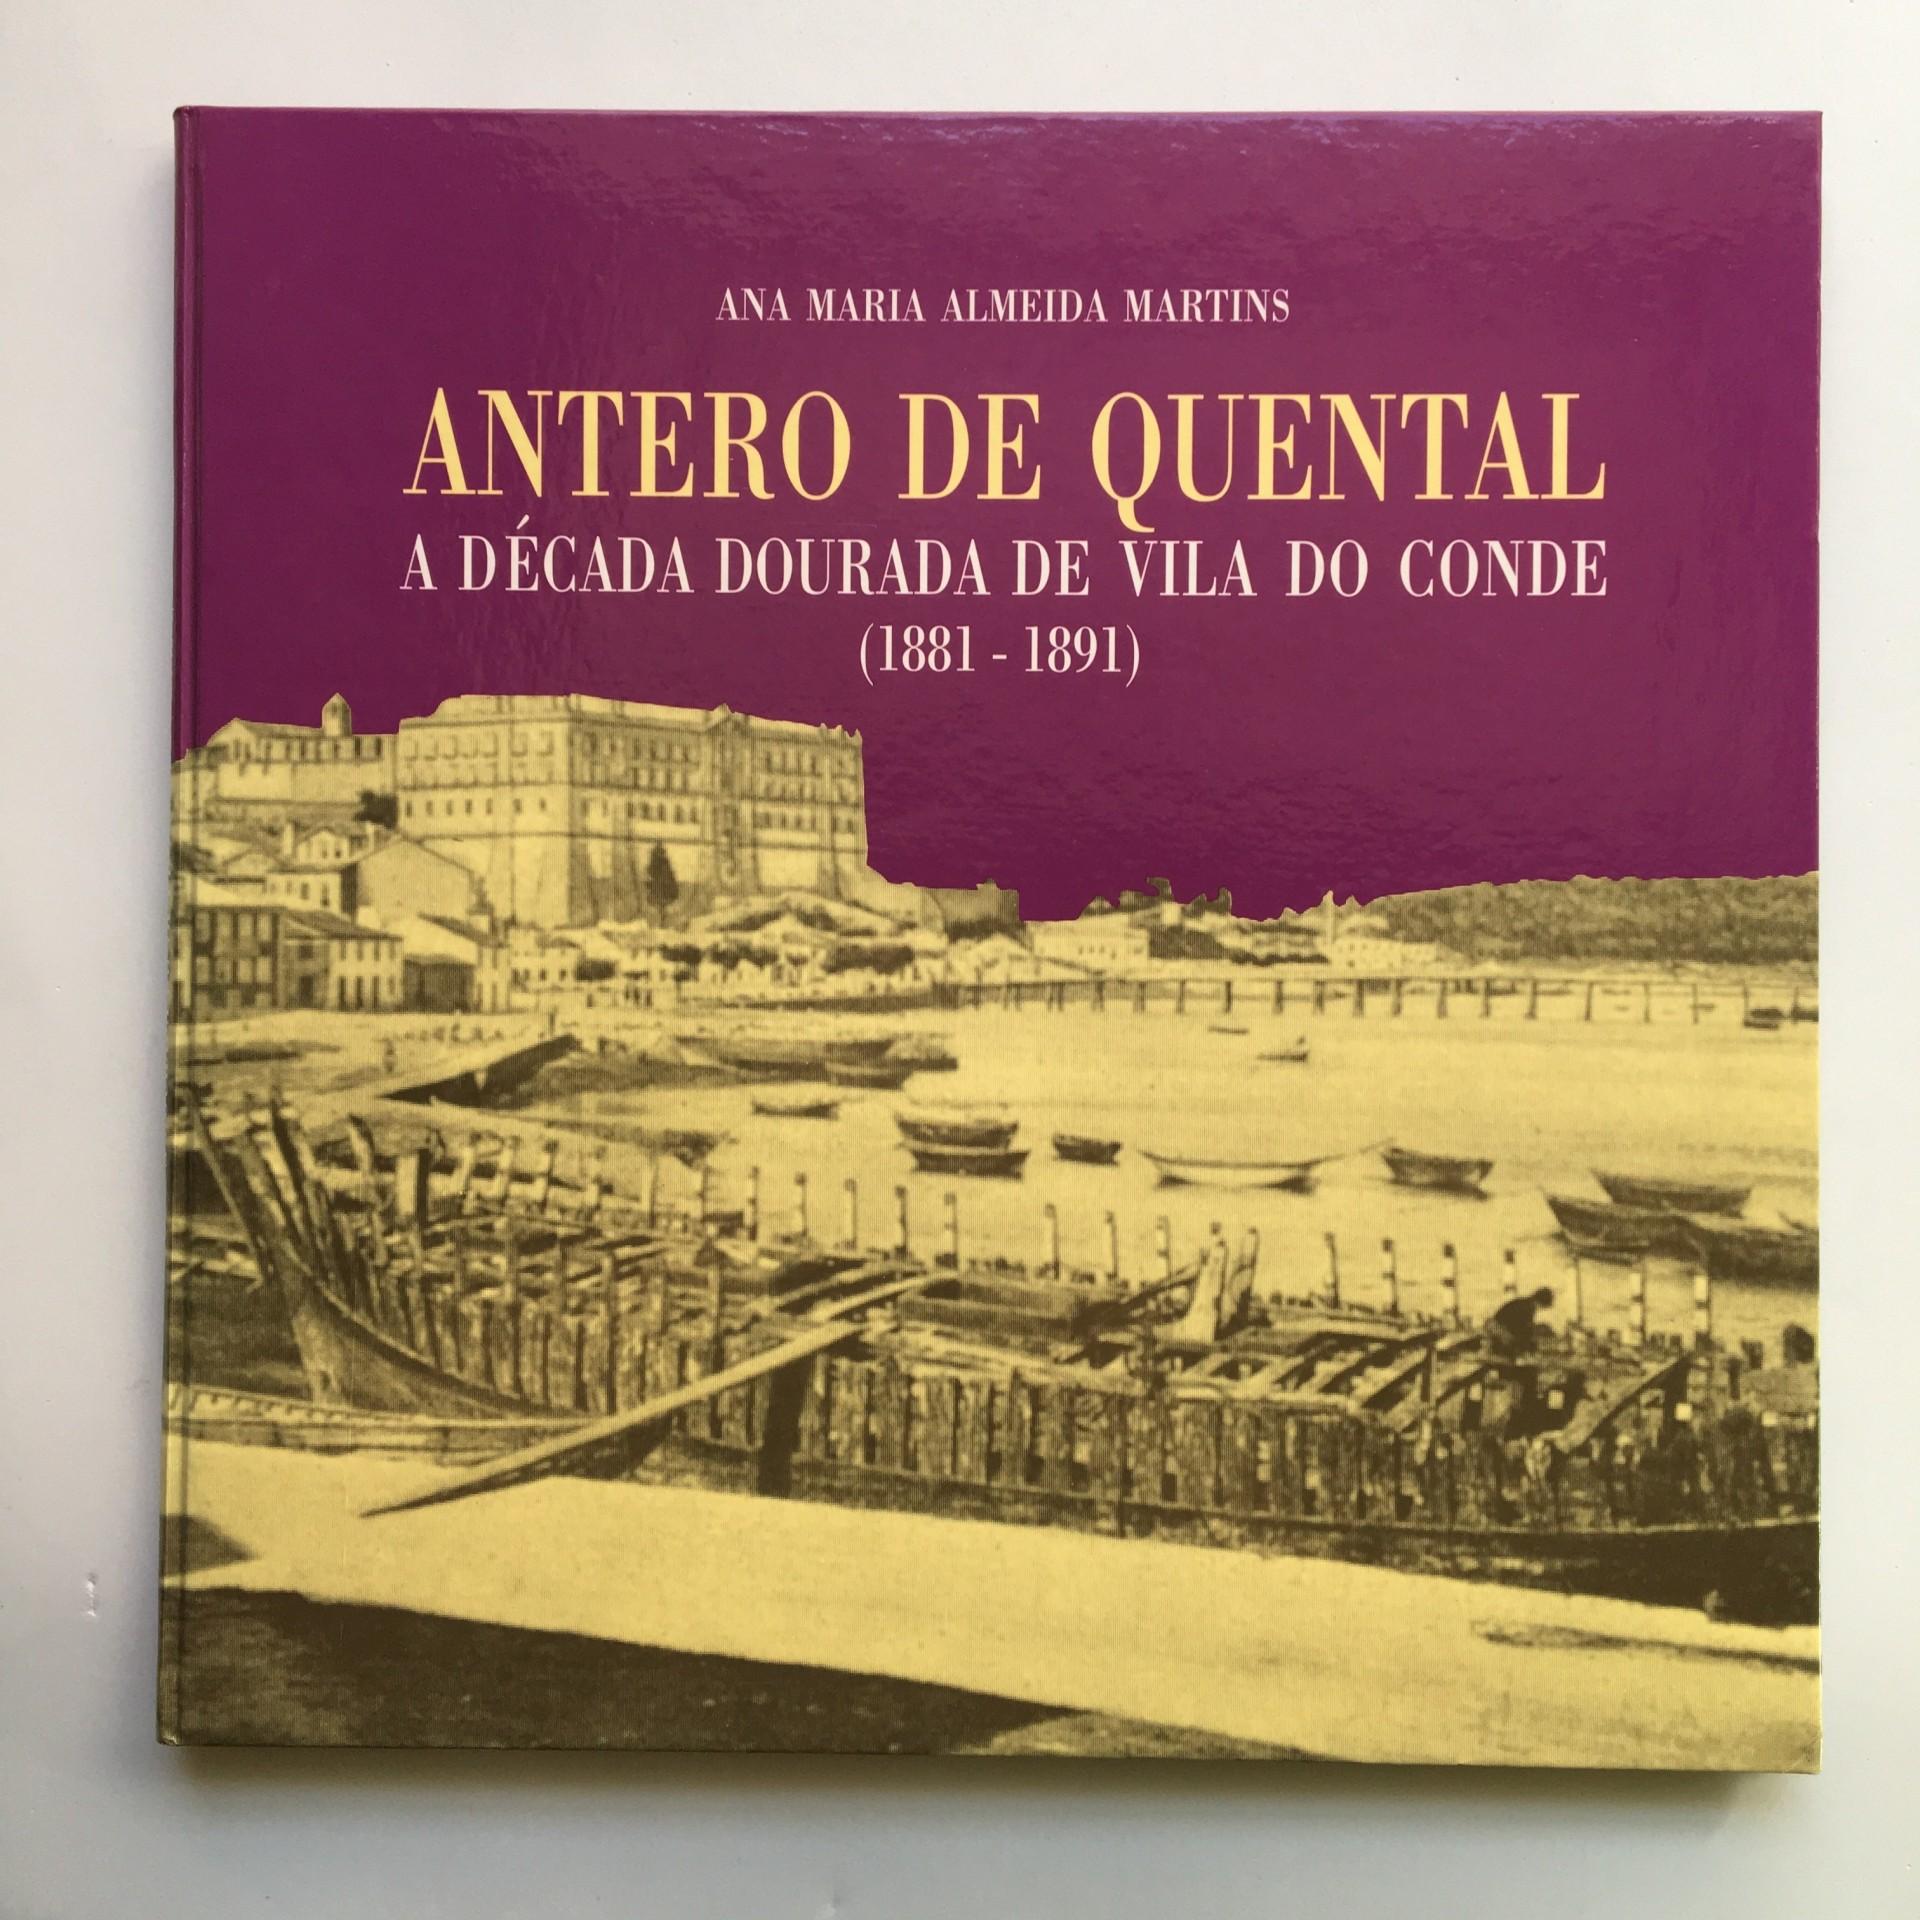 Antero de Quental: a época dourada de Vila do Conde (1881-1891)